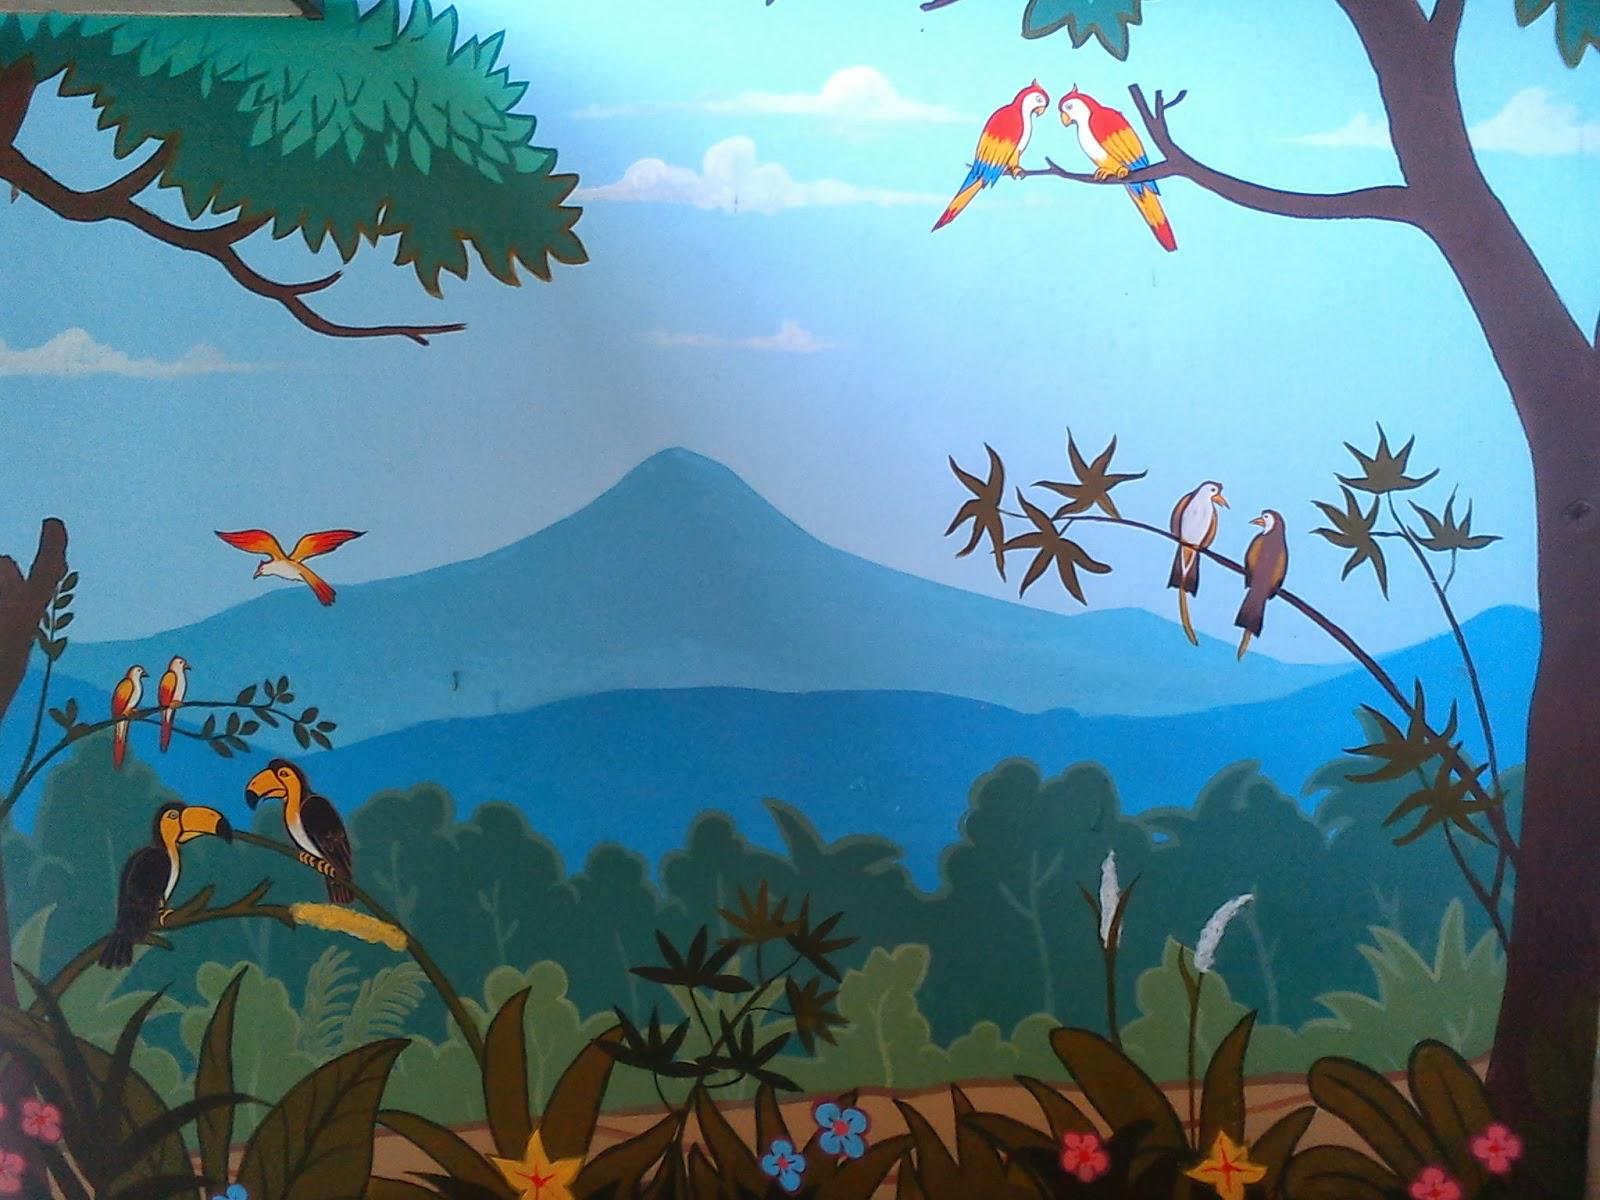 Djian elok decoration agustus 2013 for Mural untuk kanak kanak